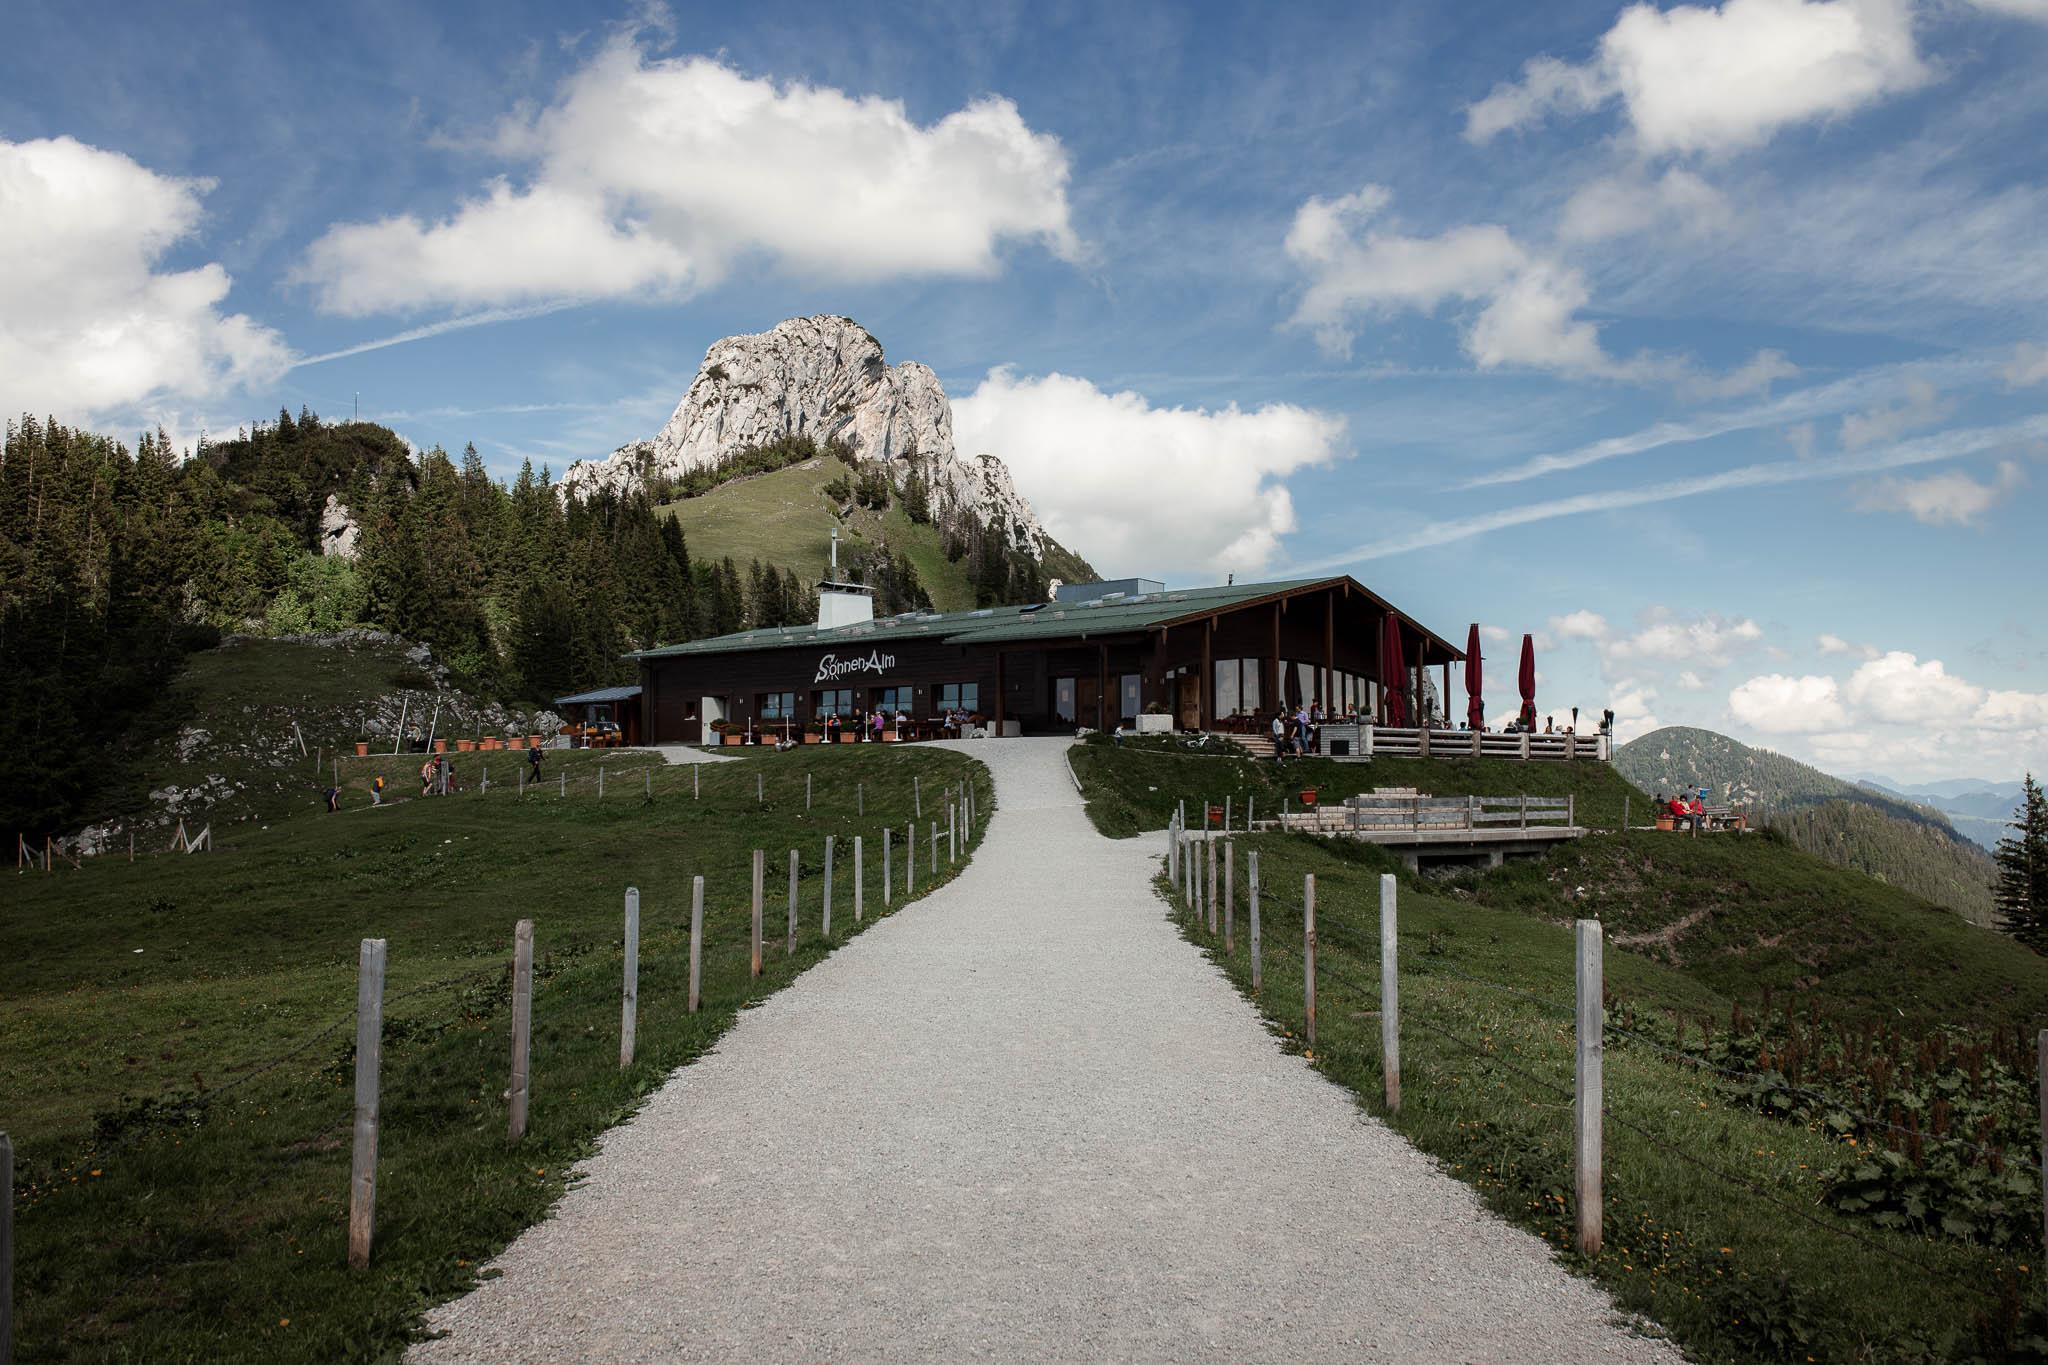 Hochzeitsfotograf Alpen, Chiemgau: freie Trauung von Dennis & Dirk 75